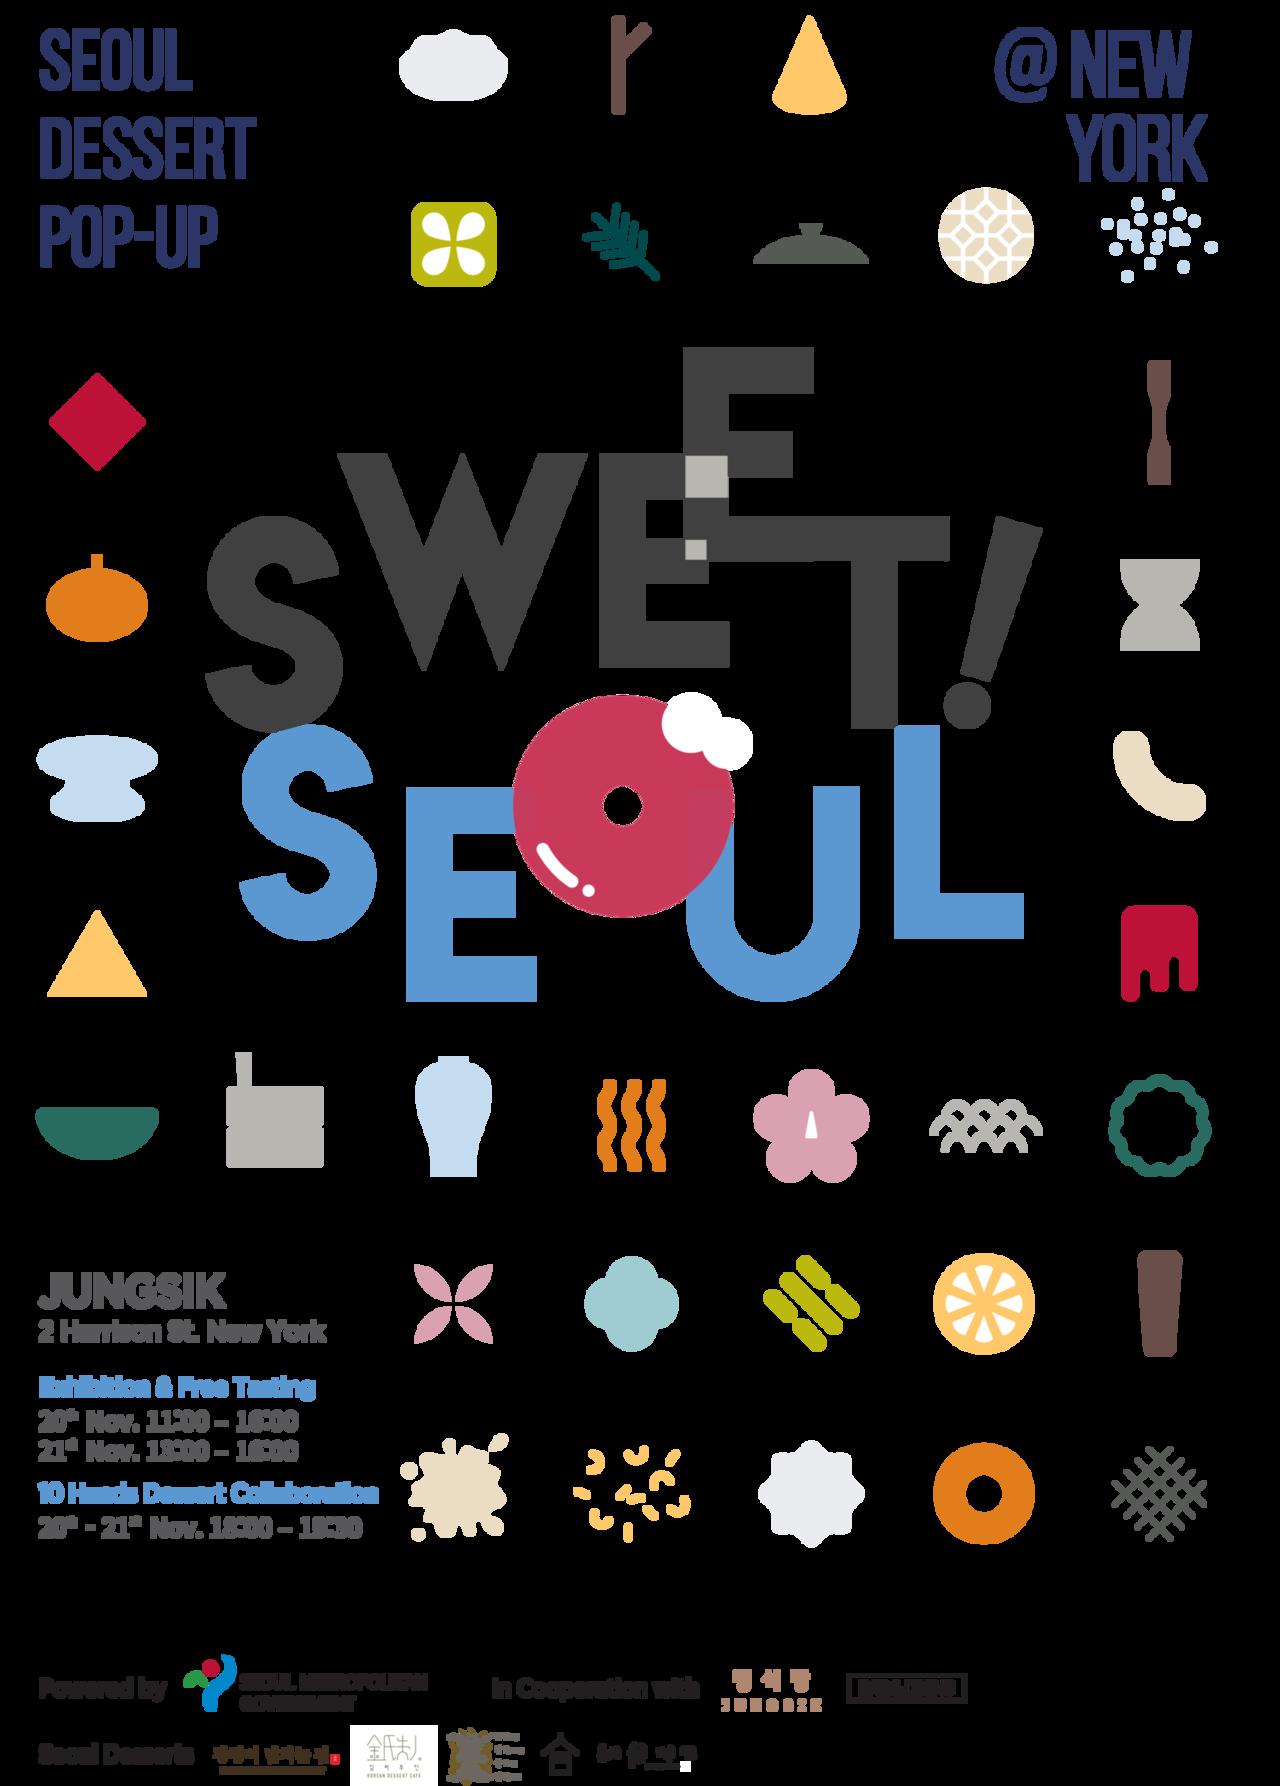 SWEET SEOUL   2020.11